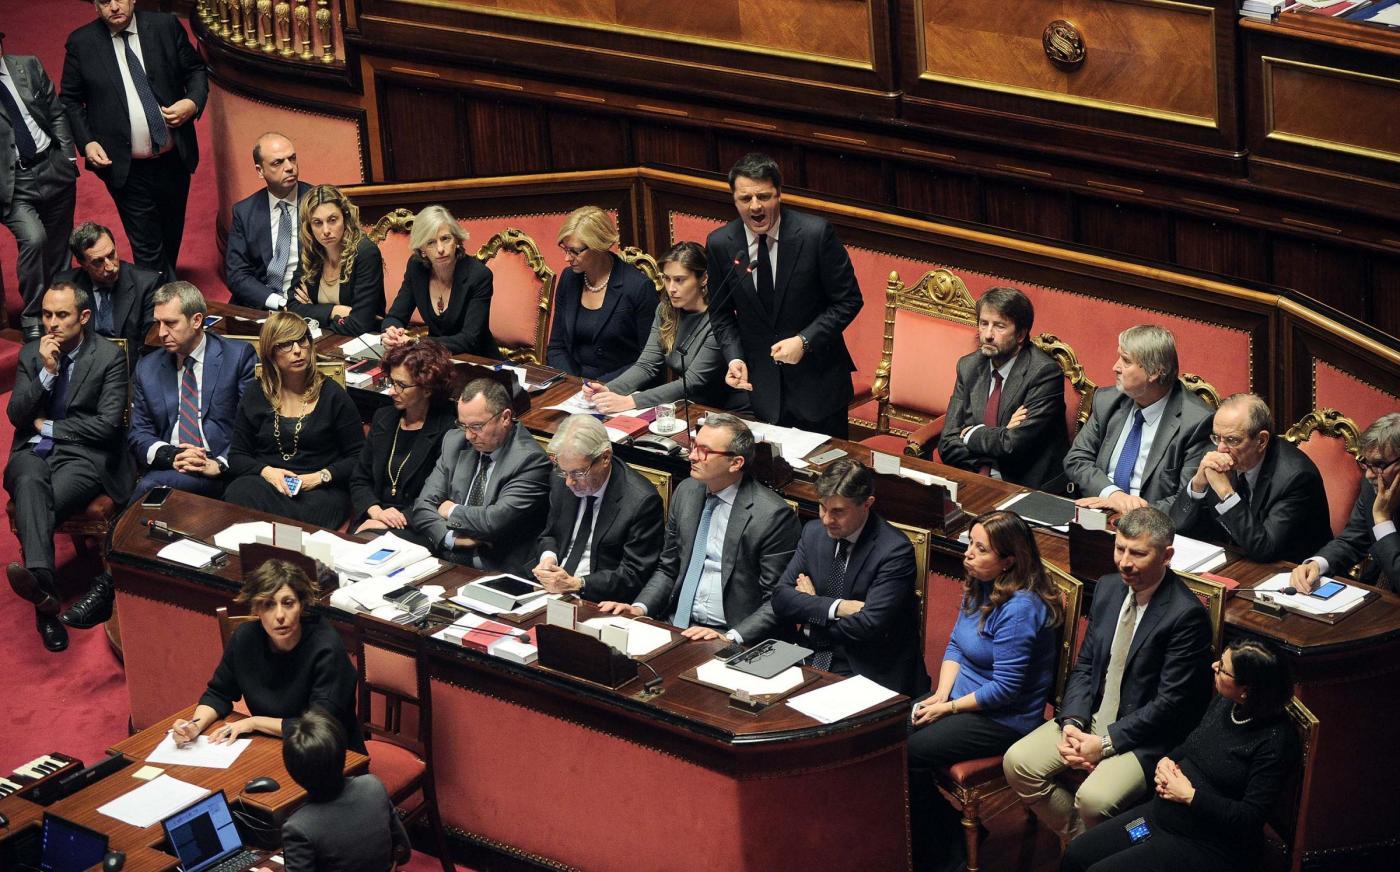 Legge di Bilancio, votata la fiducia: via libera alla manovra con 166 sì, 70 no e un astenuto